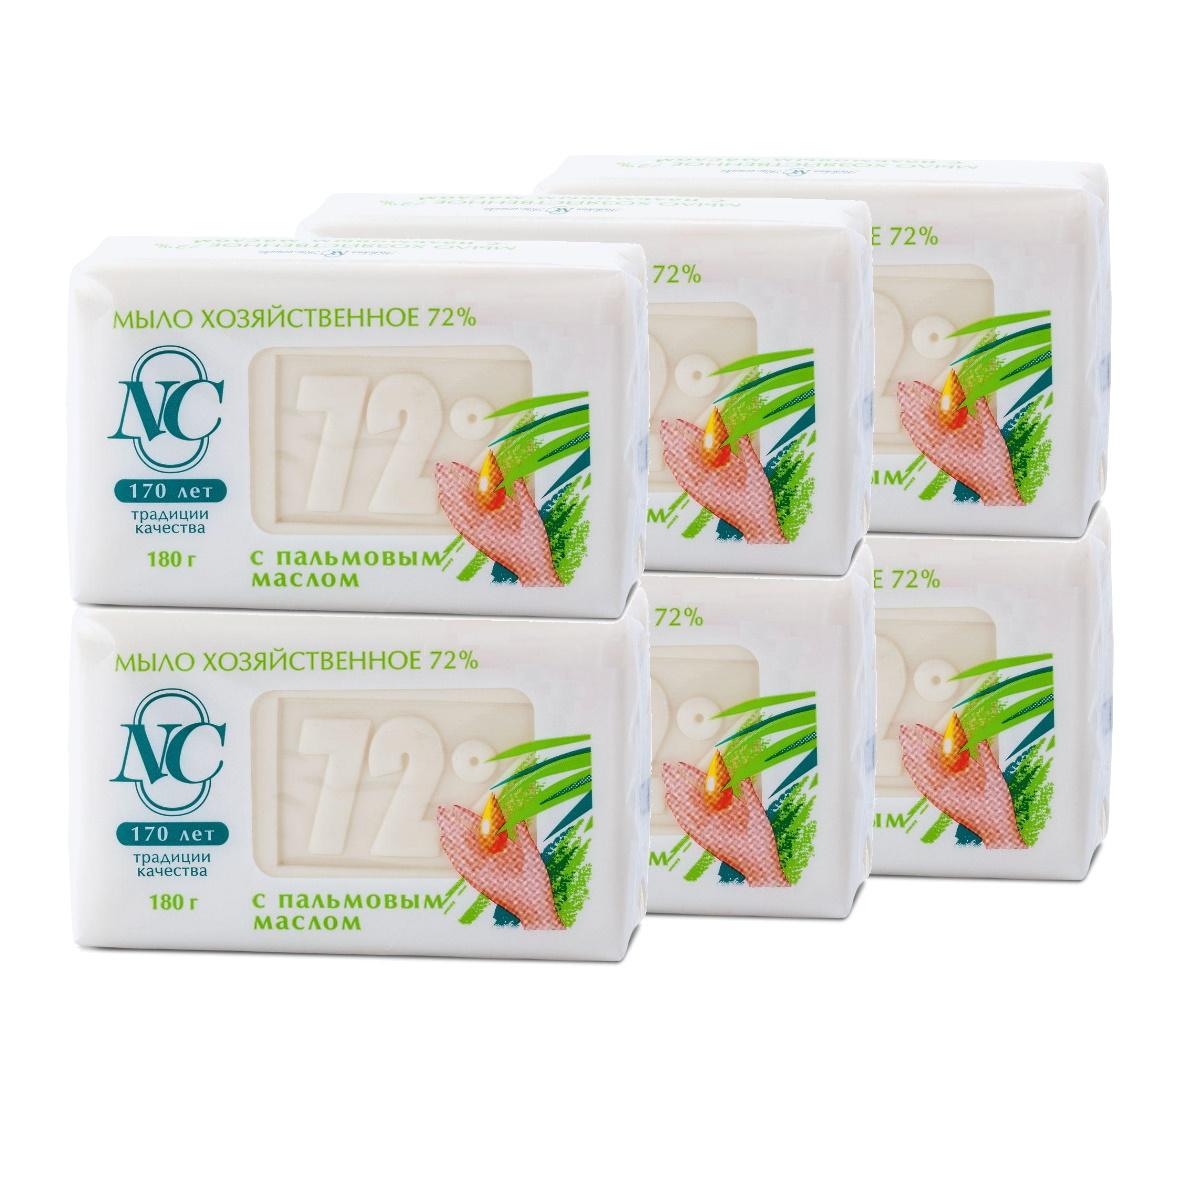 НК 72 % хоз ное мыло